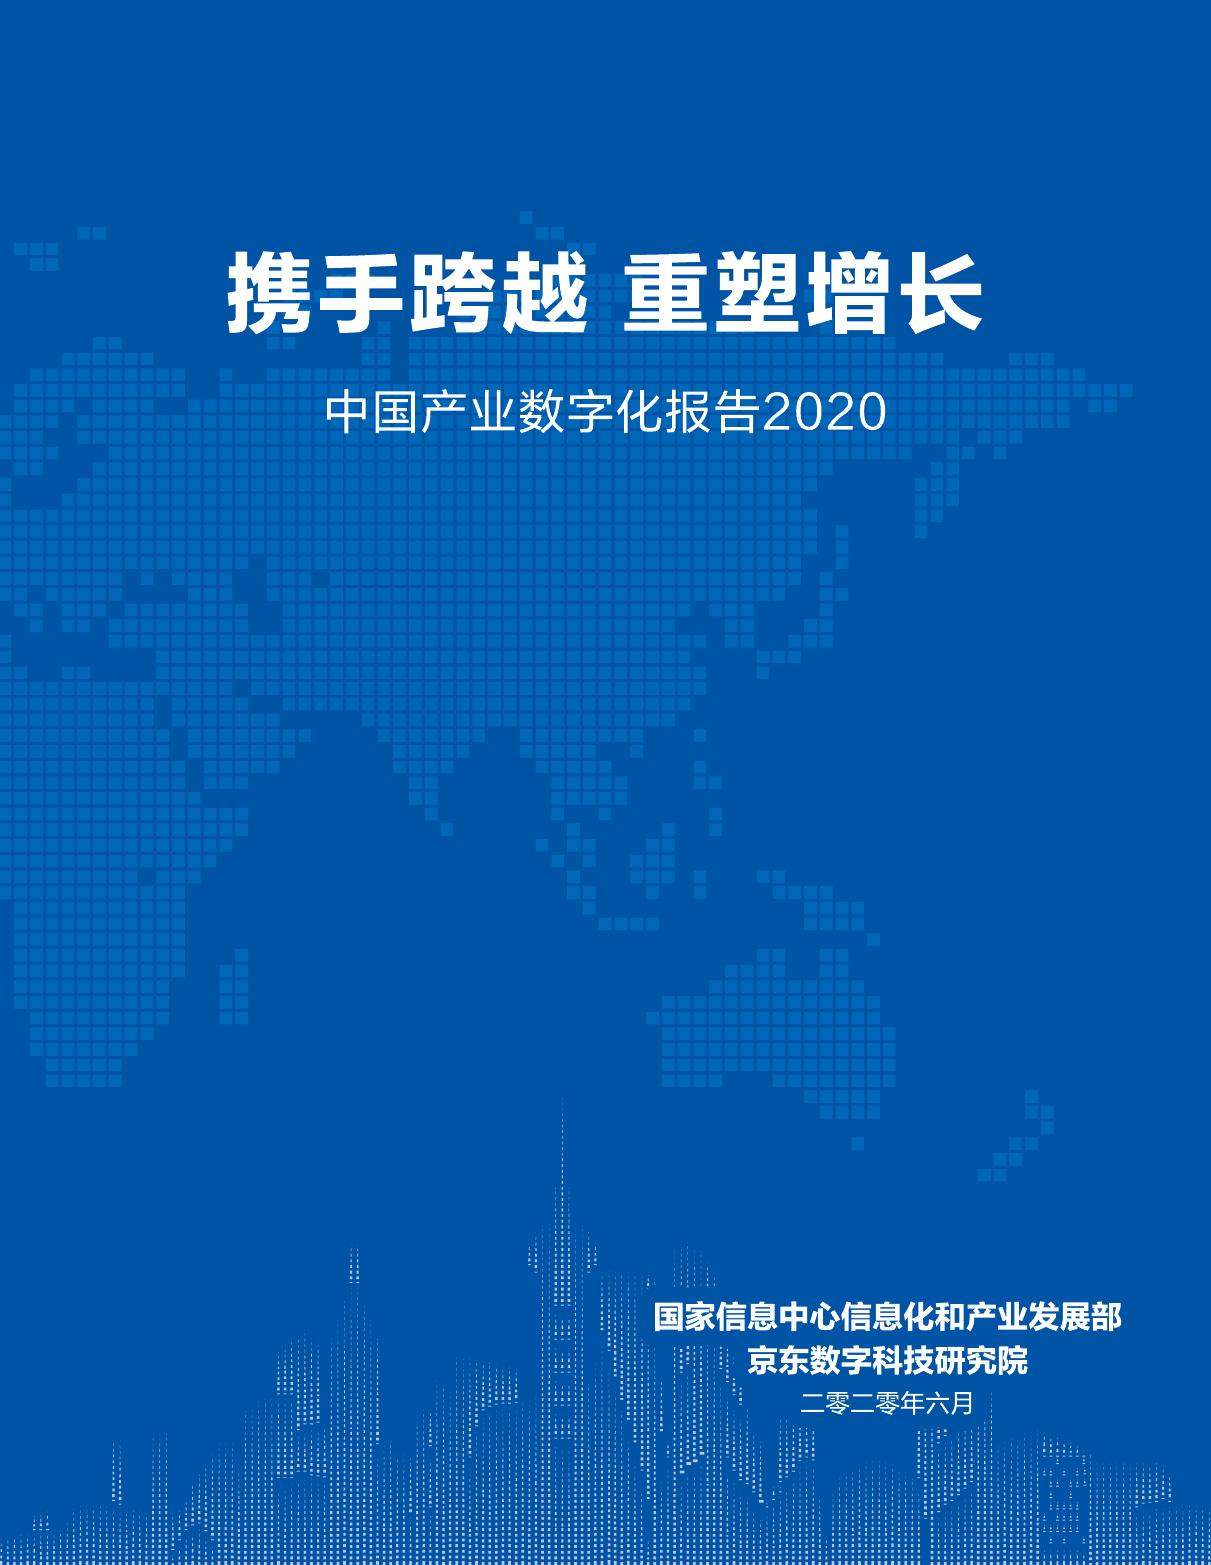 国家信息中心&京东数科:2020中国产业数字化报告(附下载)